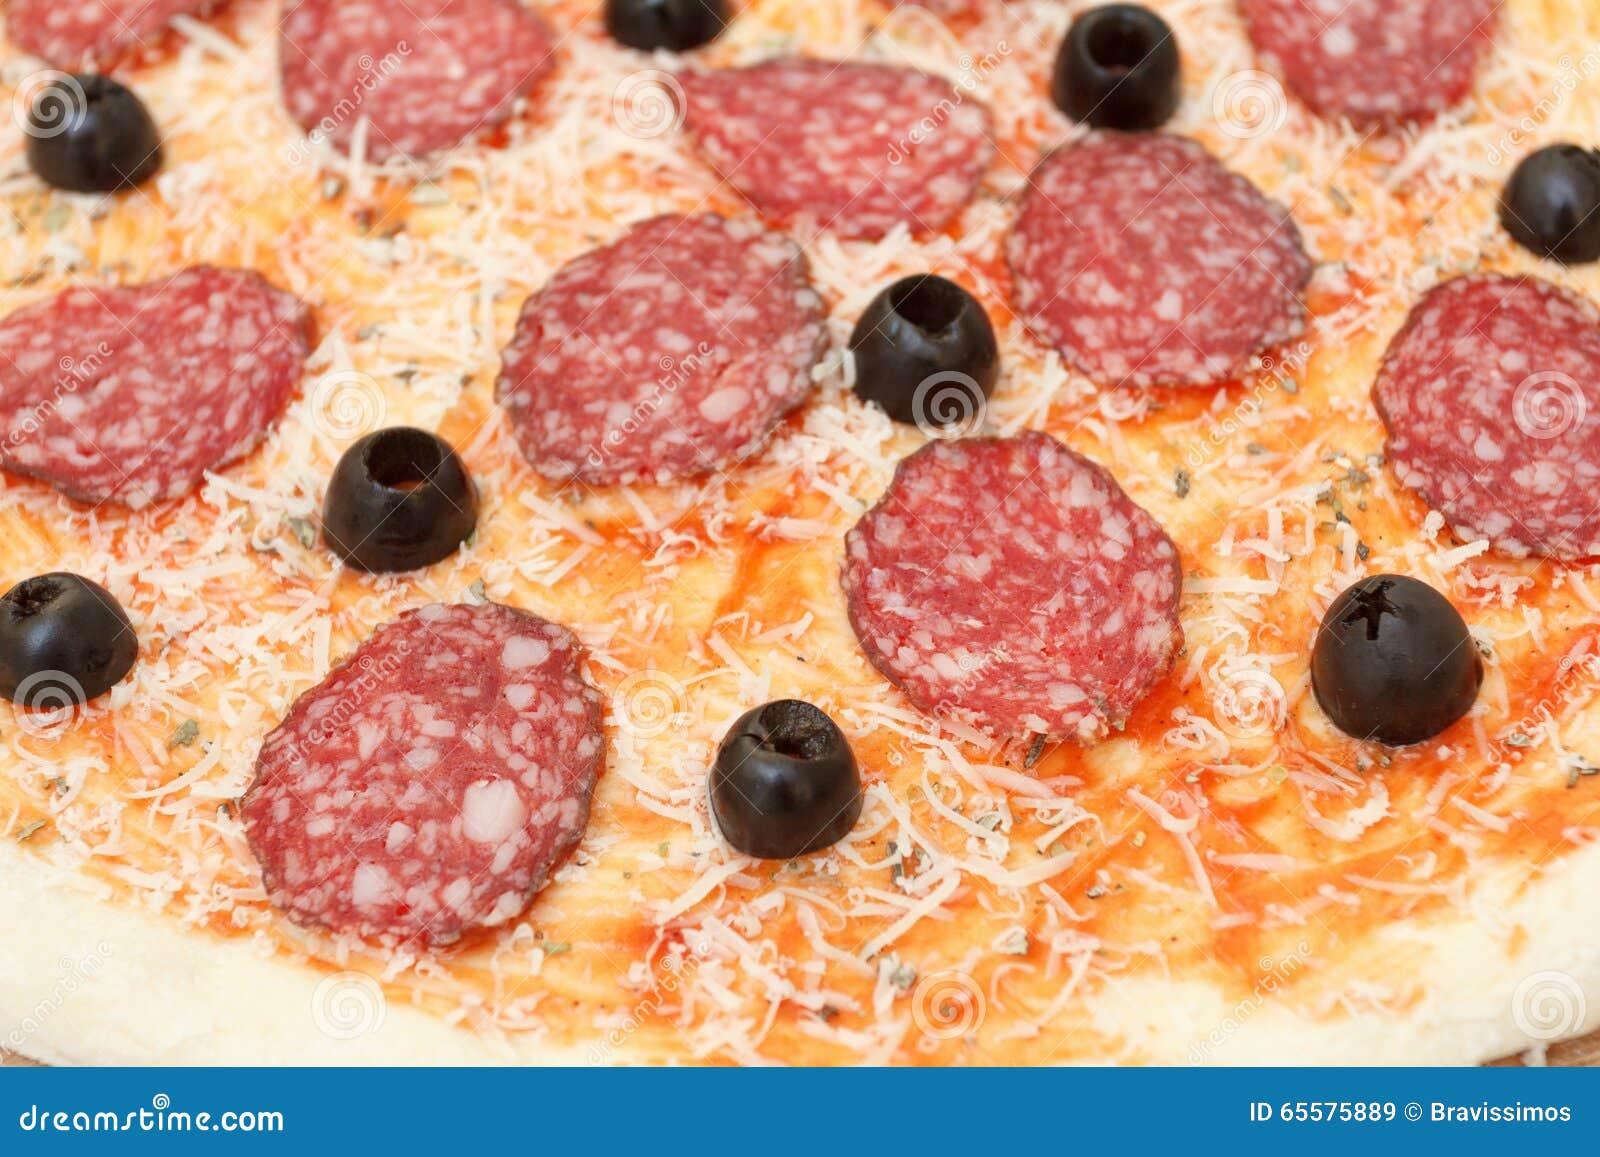 Pizza caseiro com salame, queijo parmesão, close up do fundo